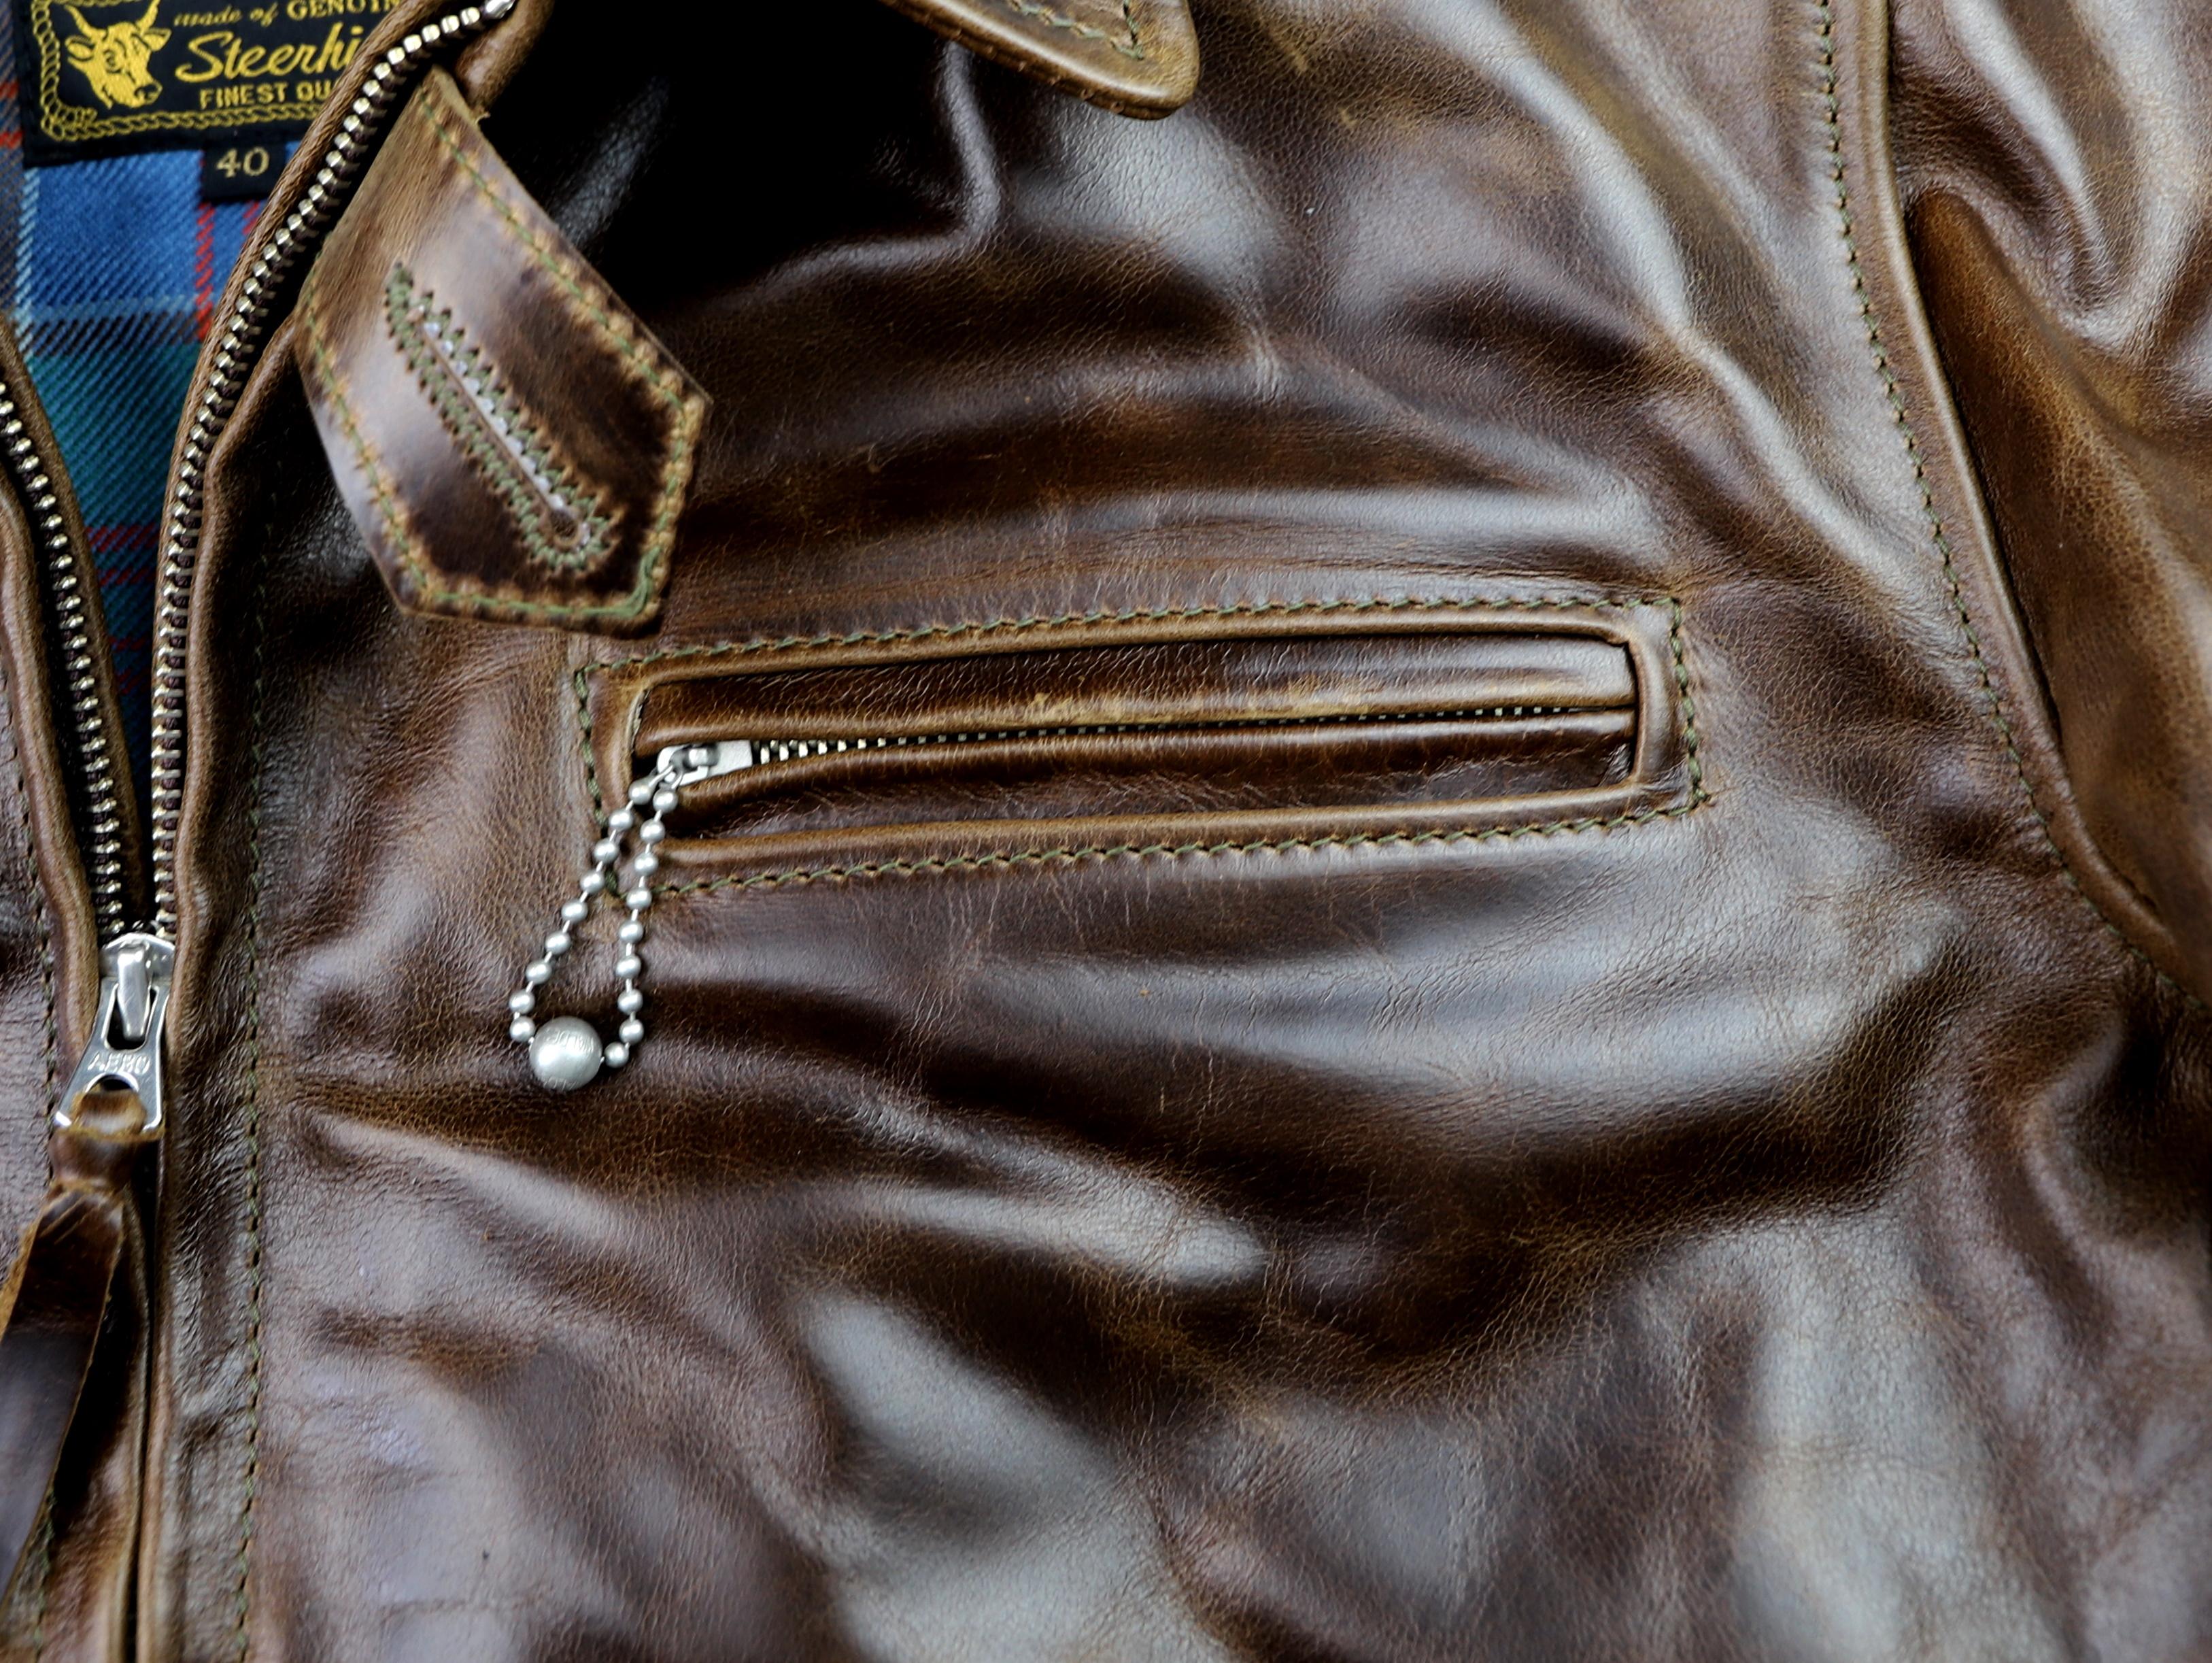 Aero Original Hercules Dark Maple Bainbridge KUS2 chest pocket.jpg